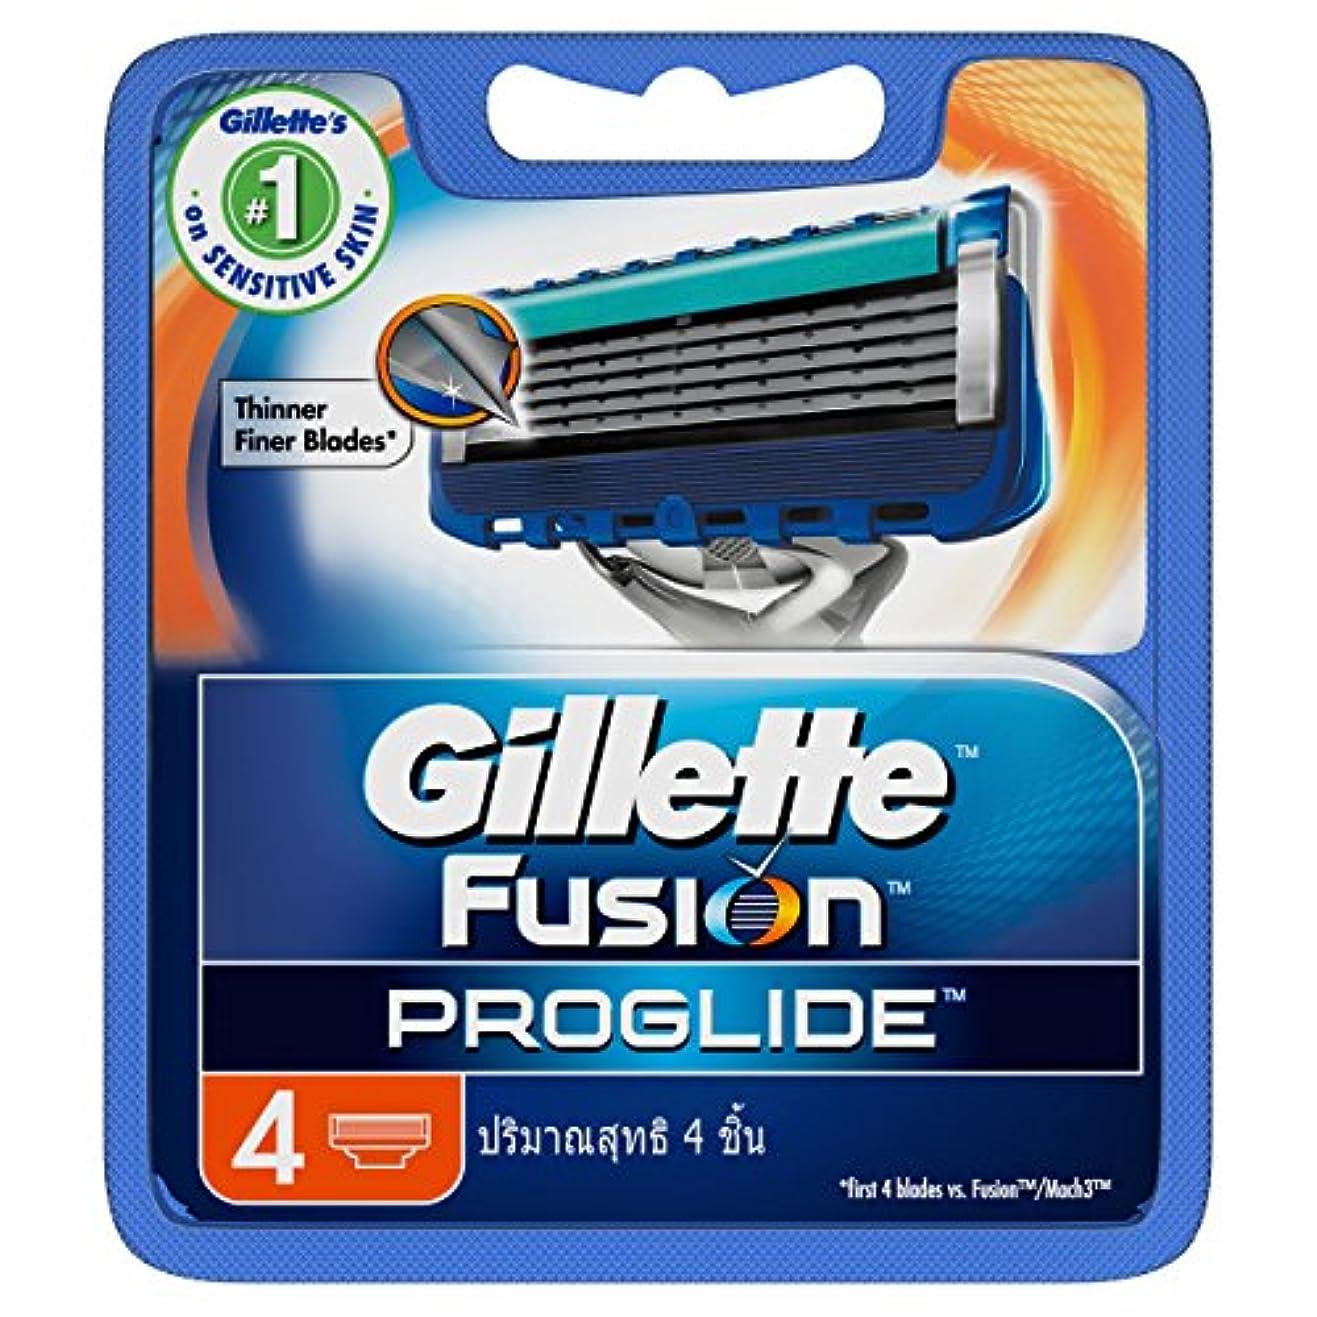 蒸気ボイコット文言Gillette Fusion Proglide Shaving Cartridges 4